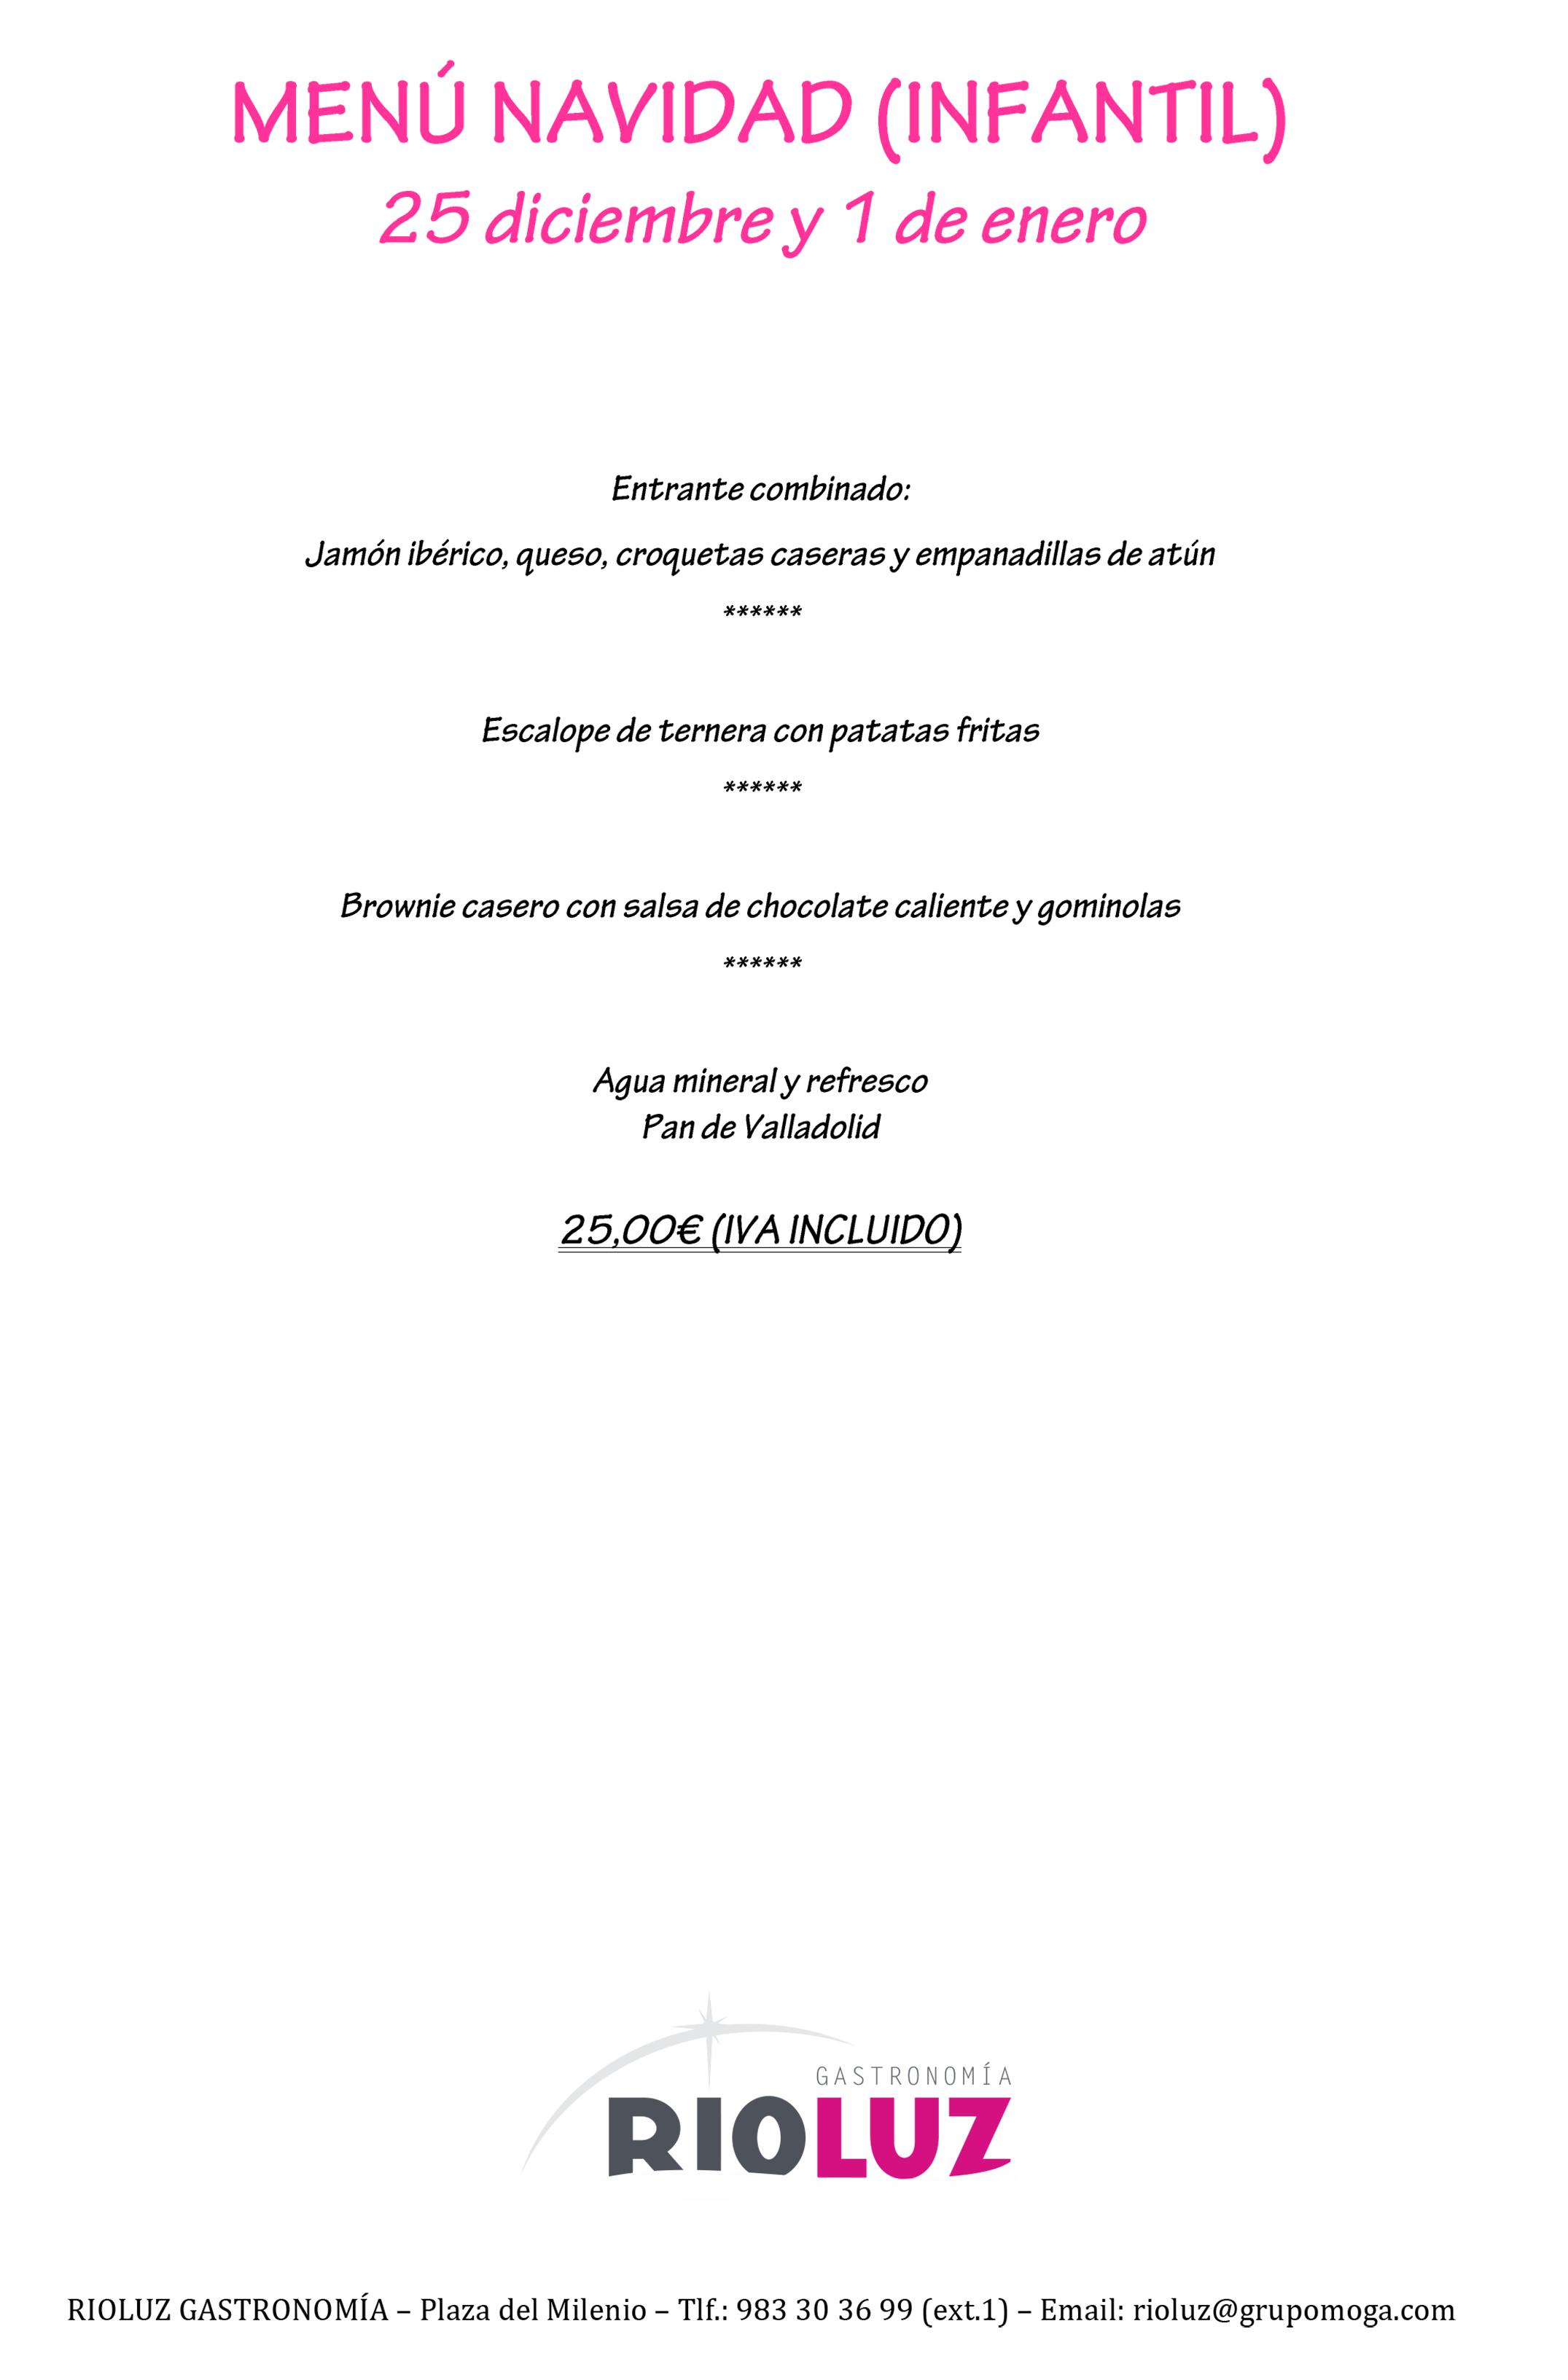 menu-navidad-ninos-rioluz